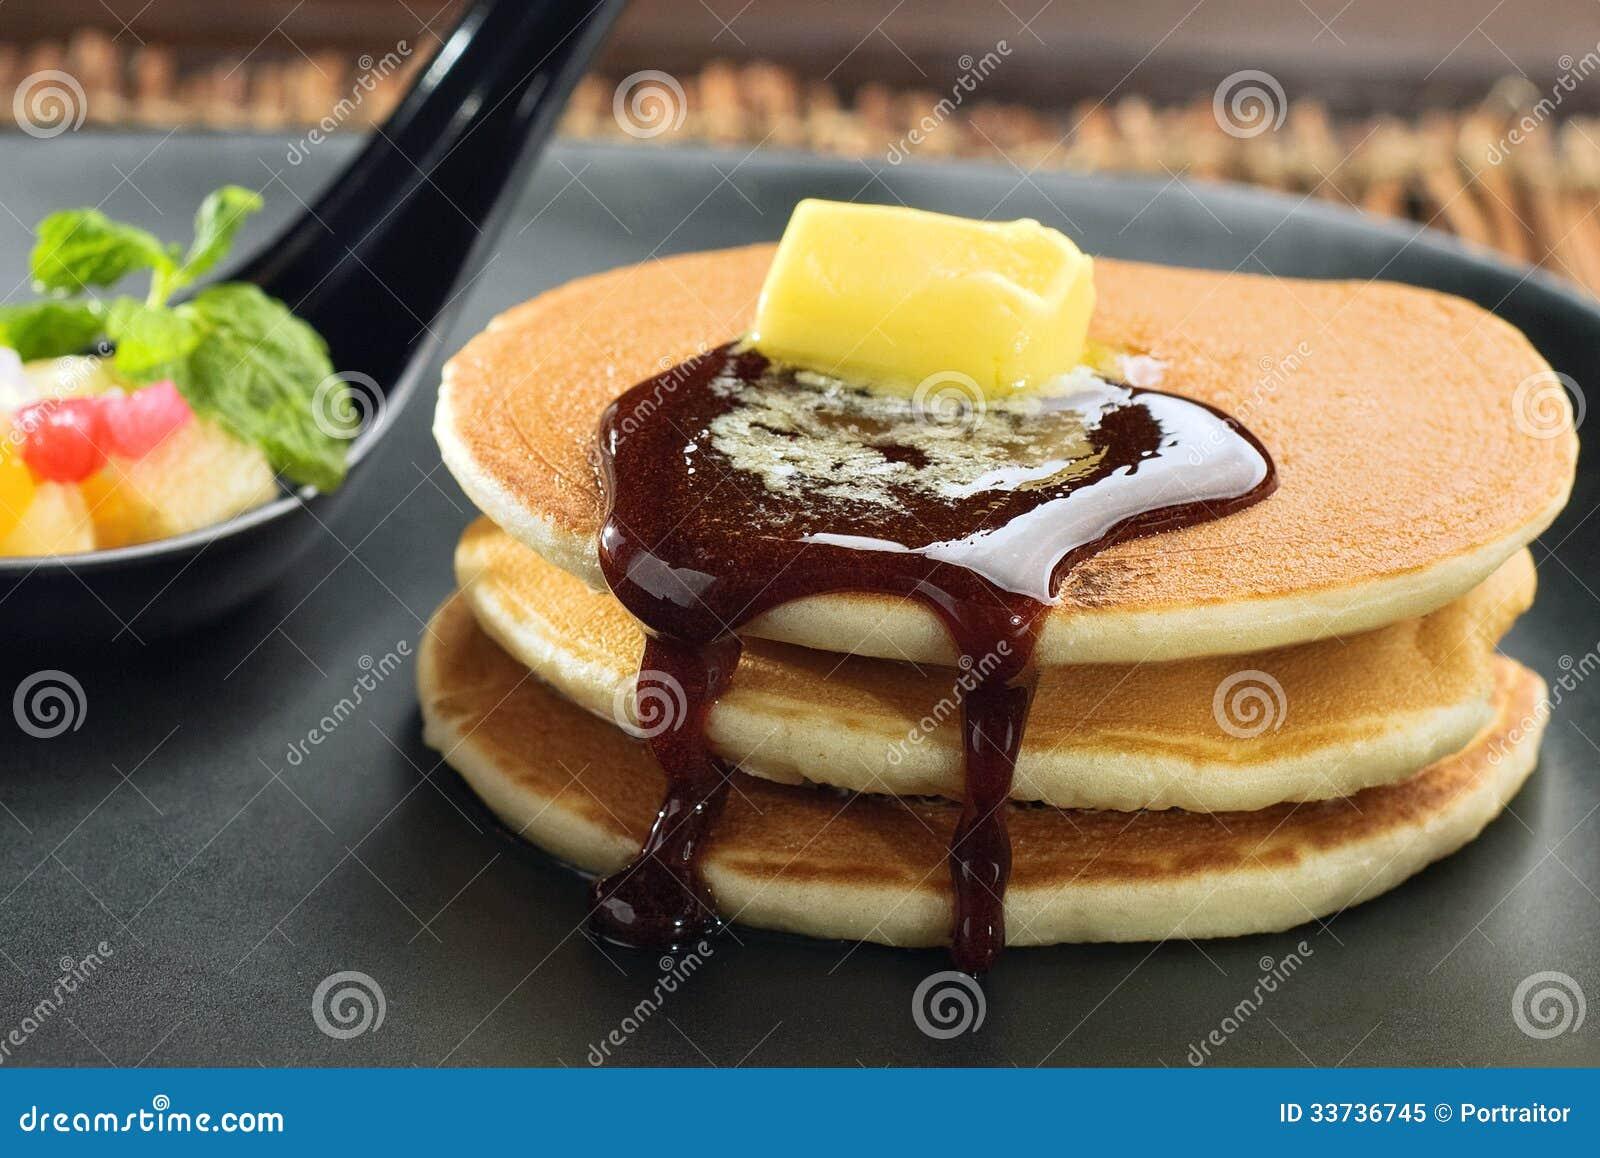 Crepe con la miel y la mantequilla